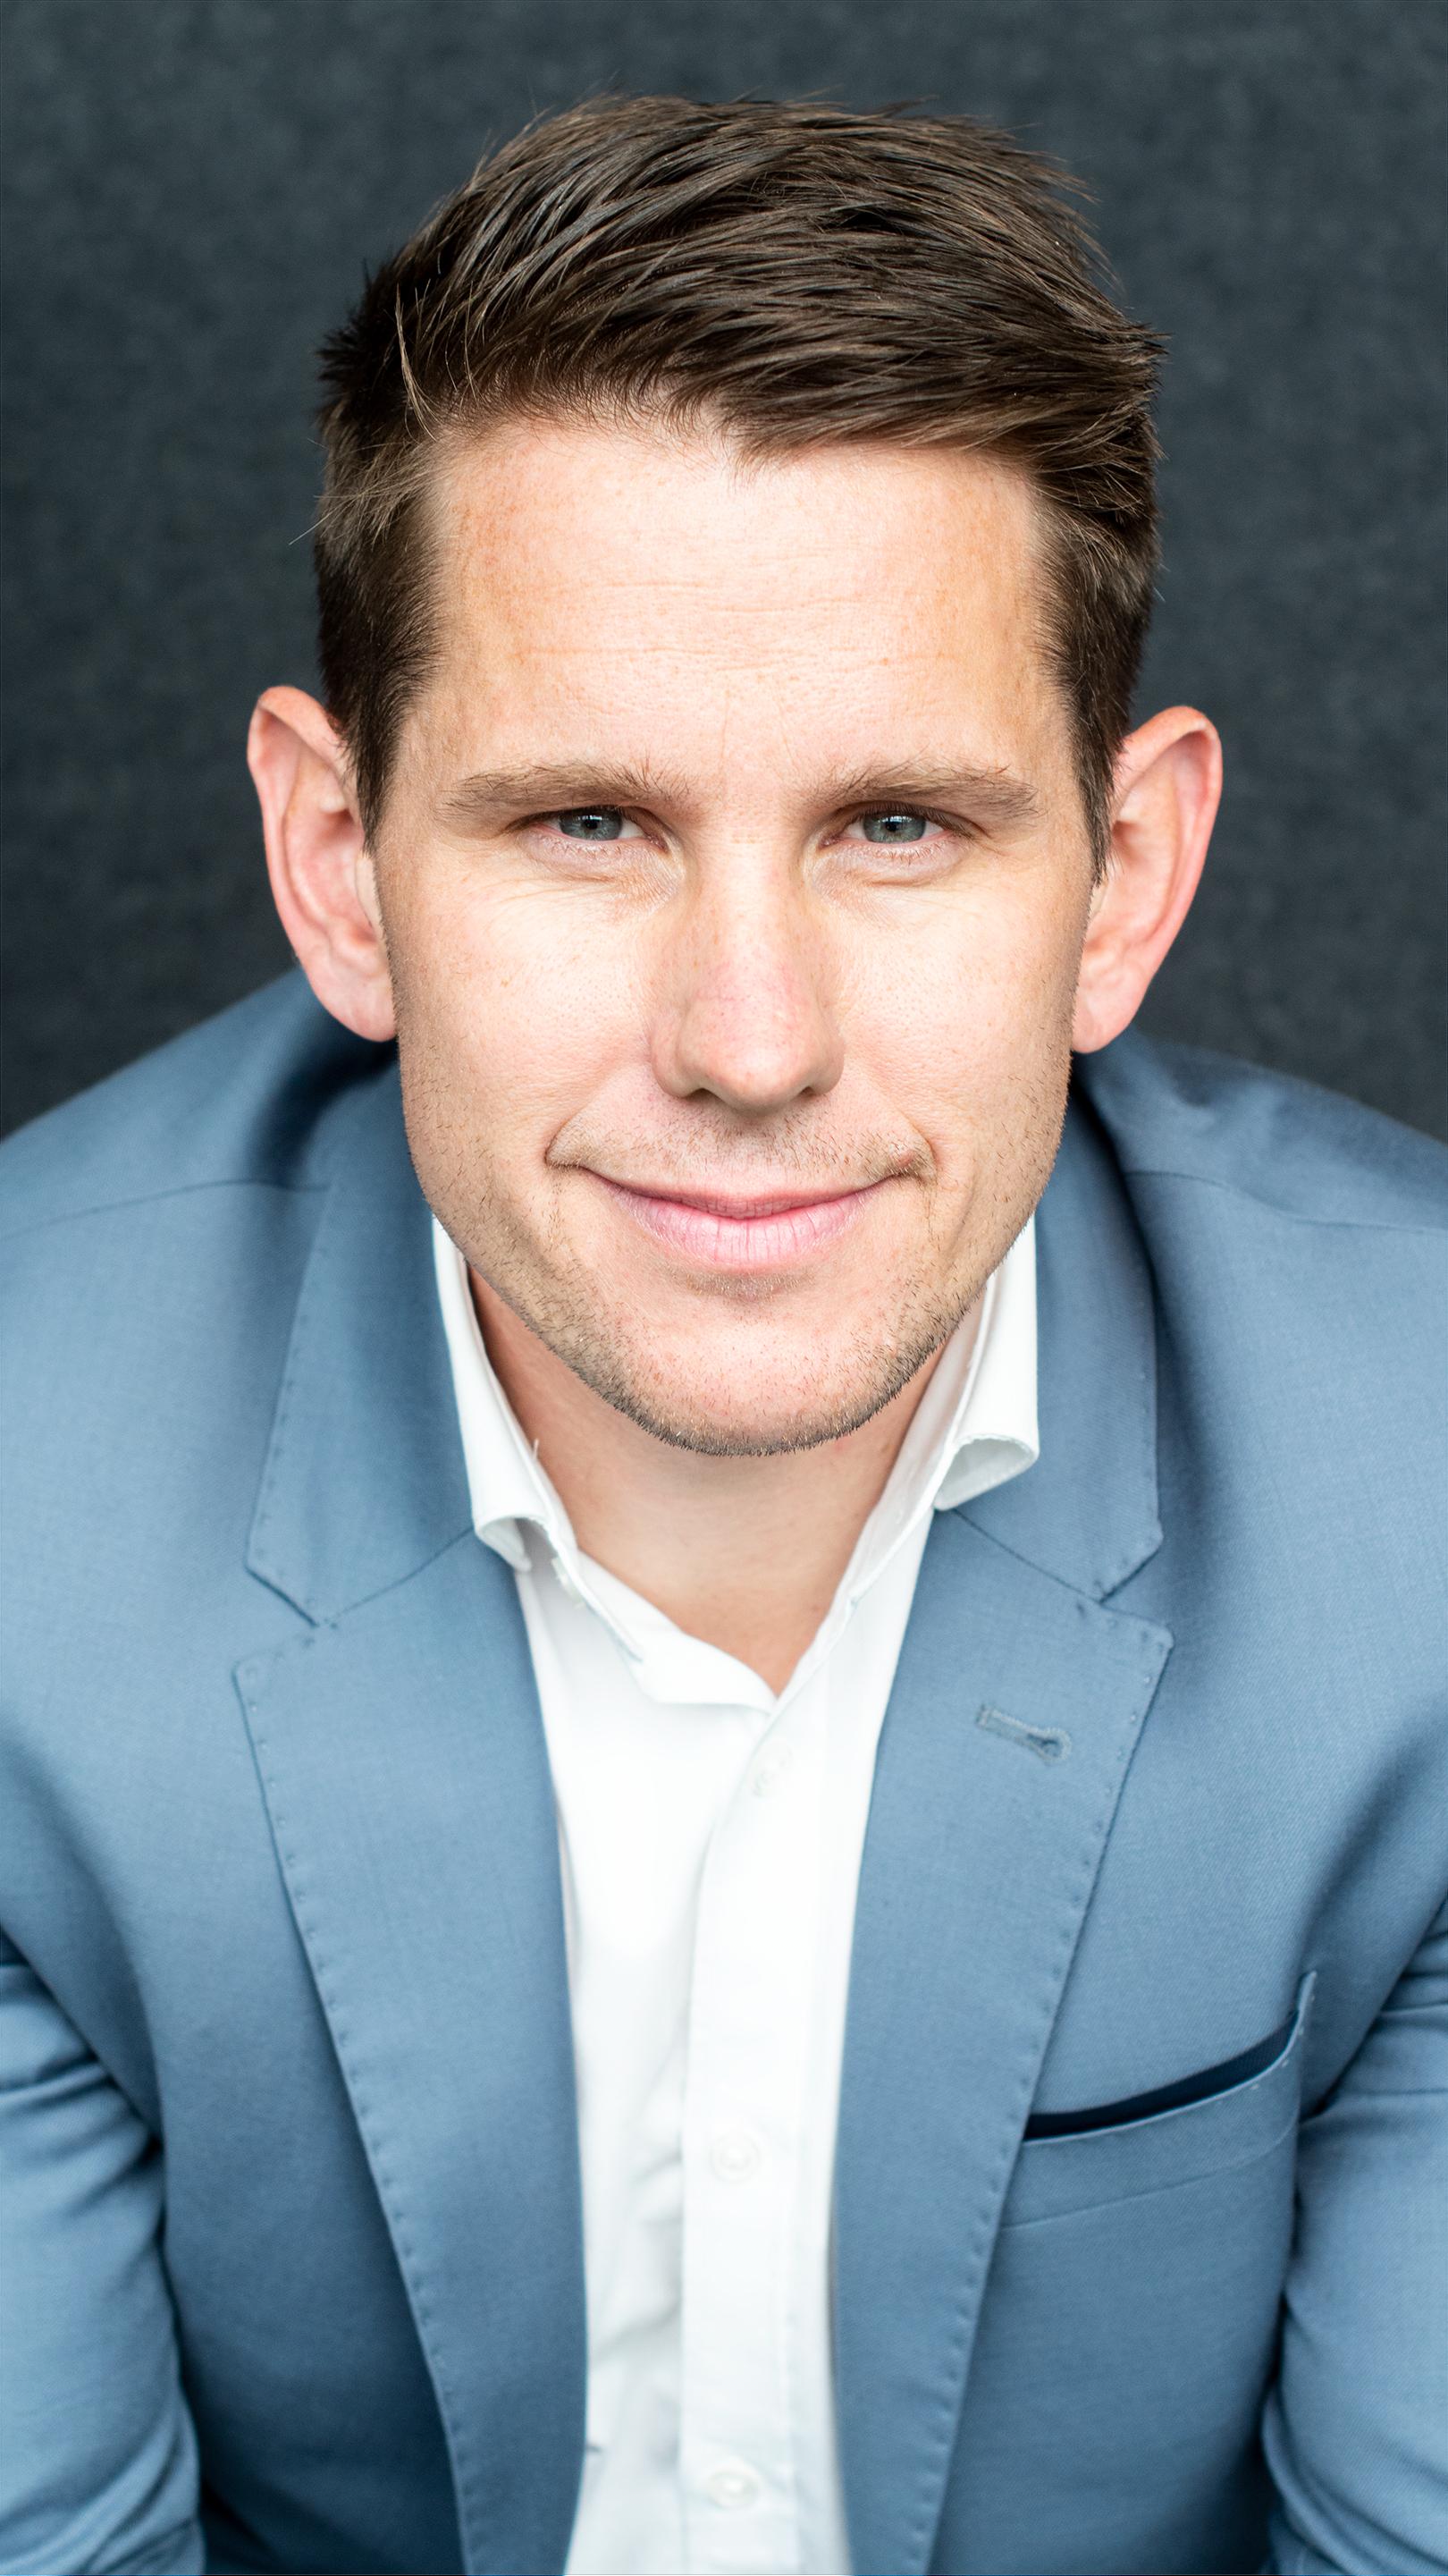 Frilanskonsulent Steffen Jørgensen smiler til kamera